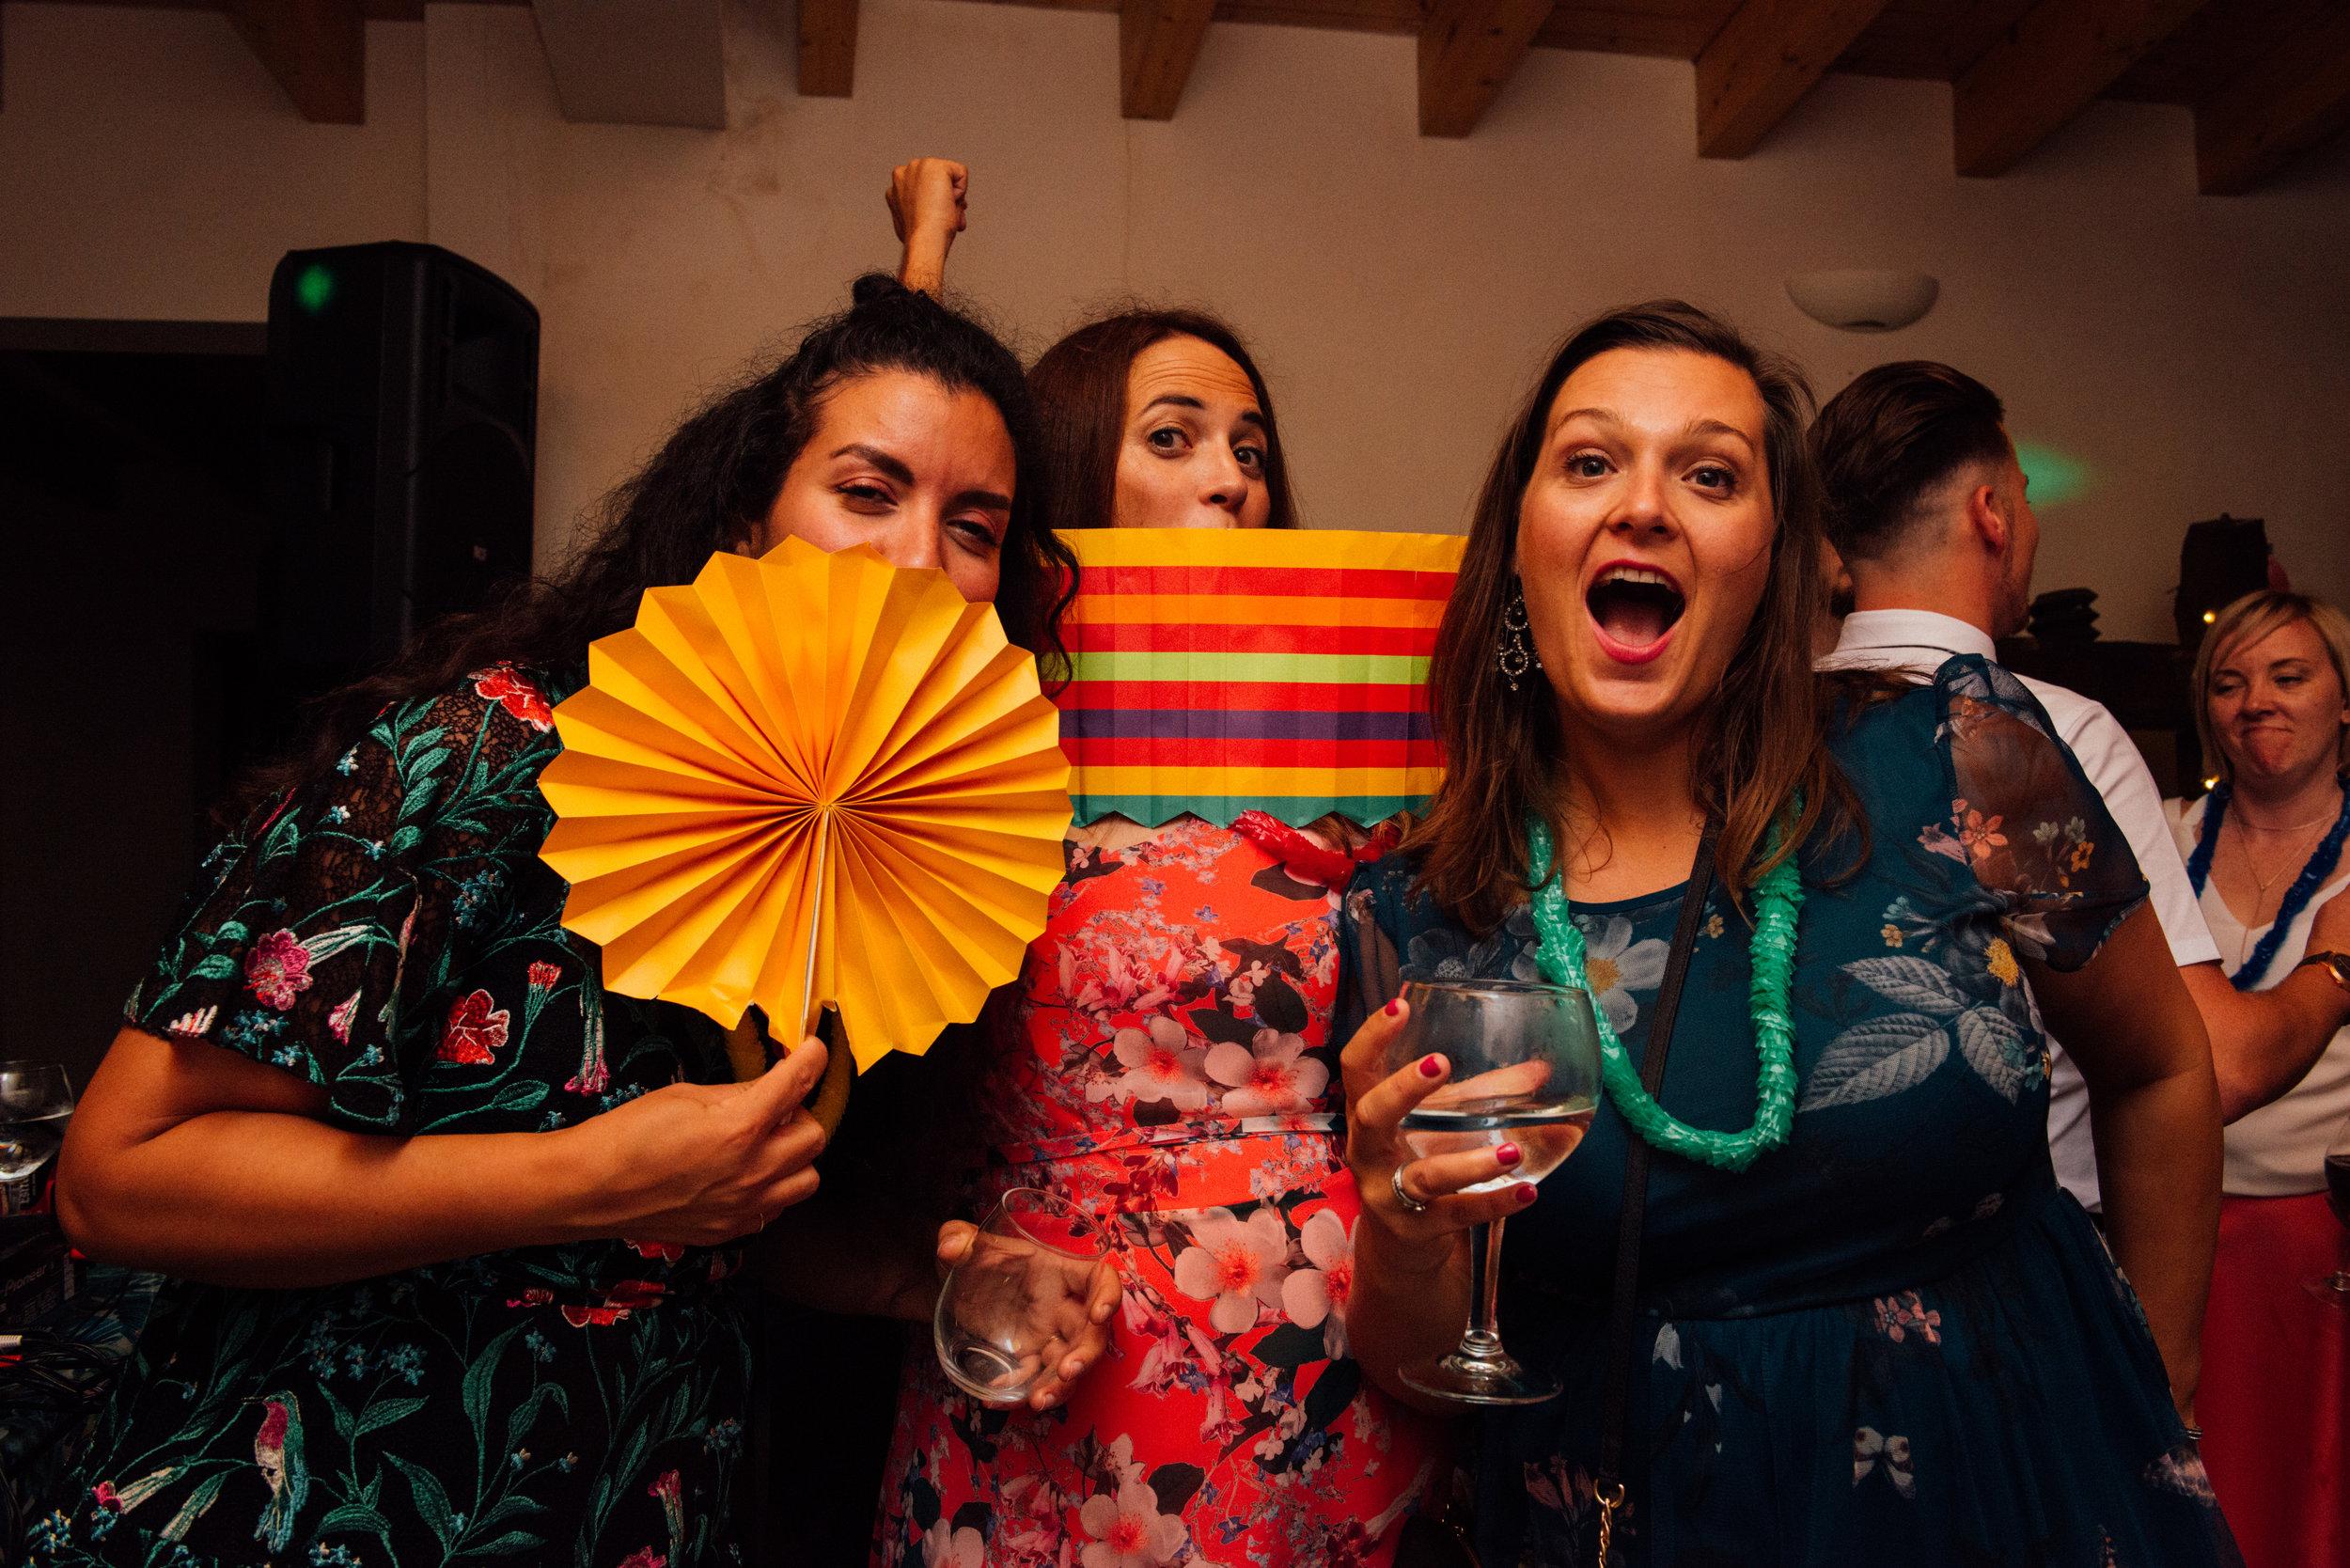 Party at Son Simo Vell Mallorca